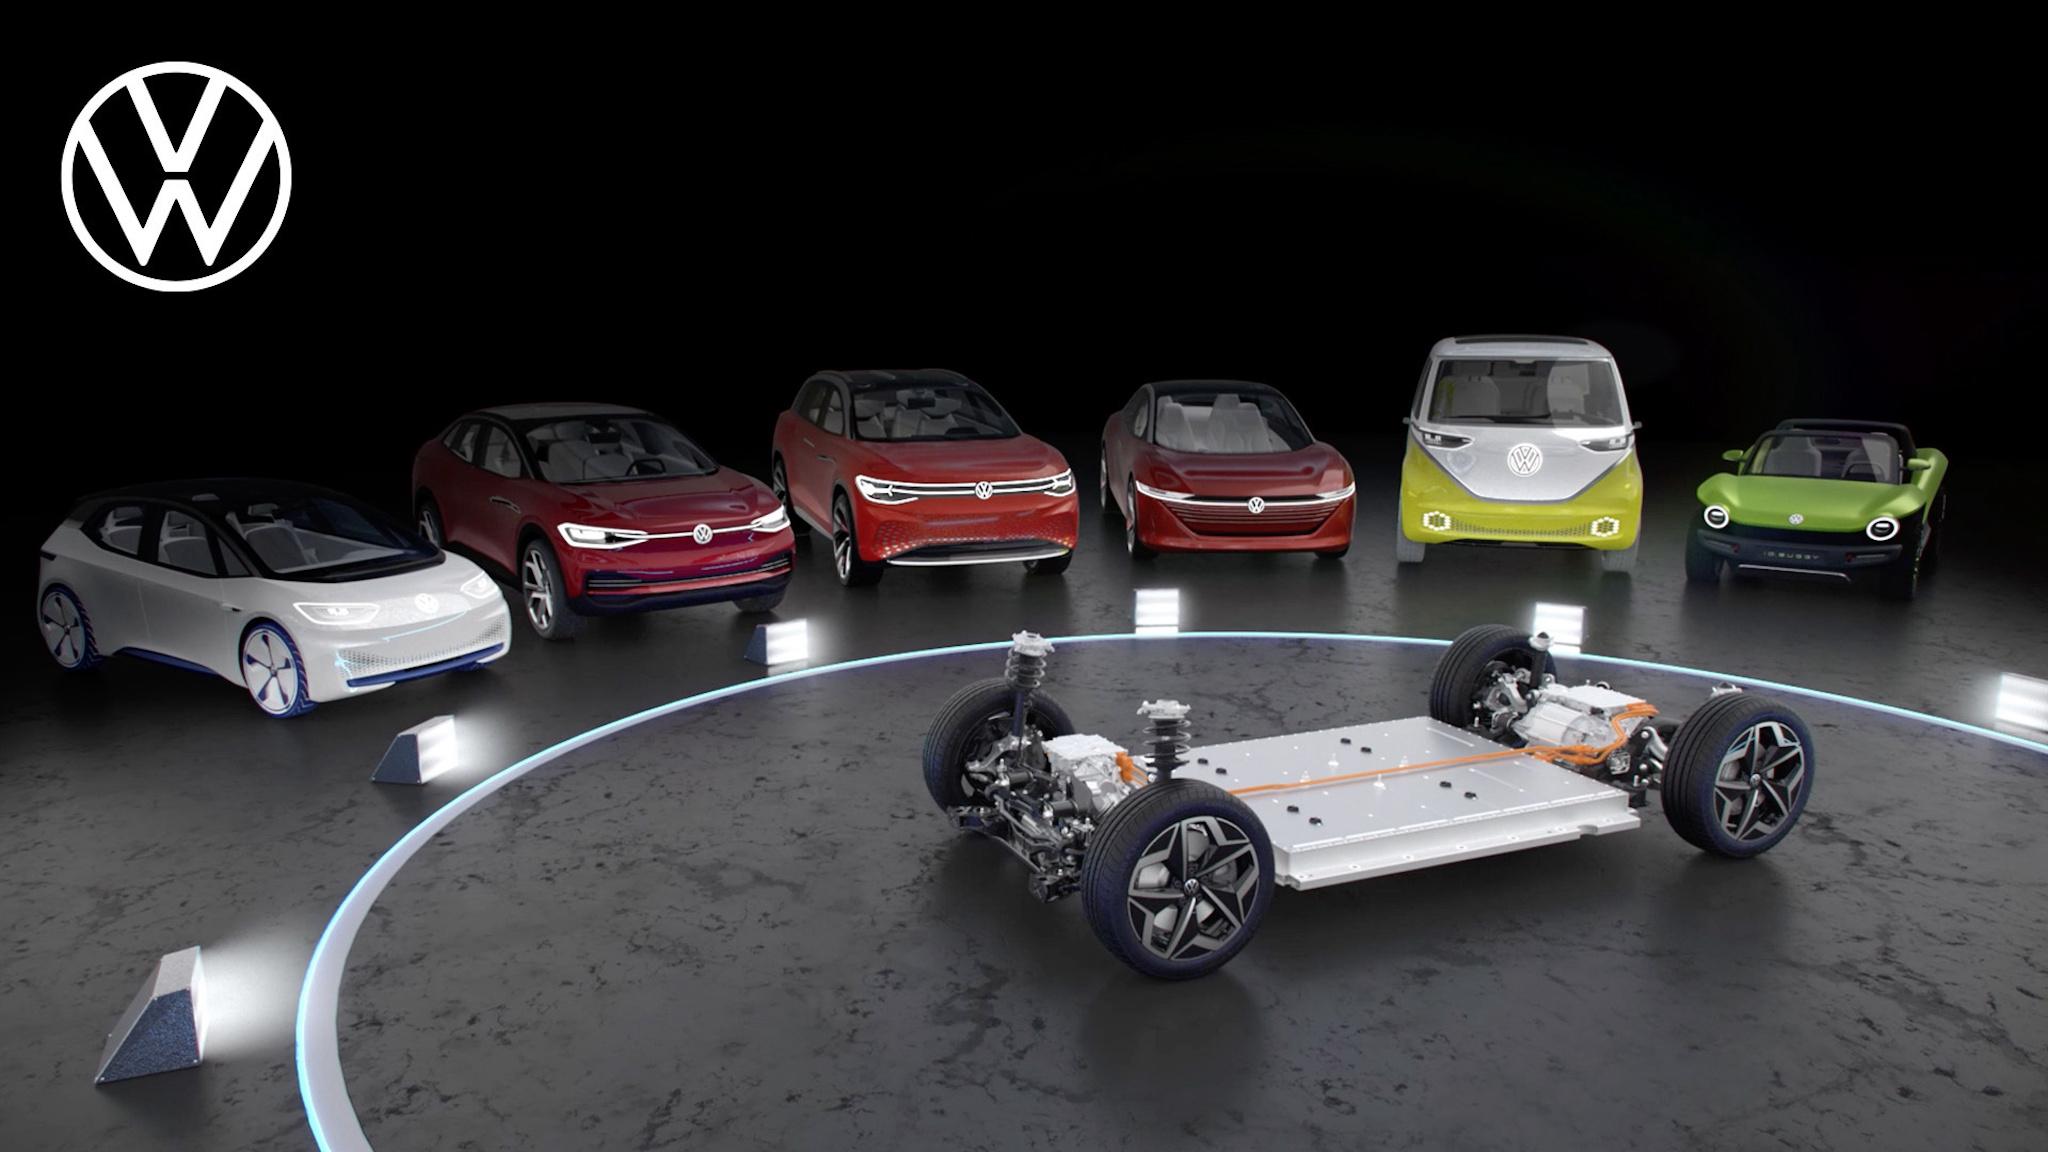 Volkswagen ID. 家族迅速壯大!七大電動車系 2023 年前目標產百萬台